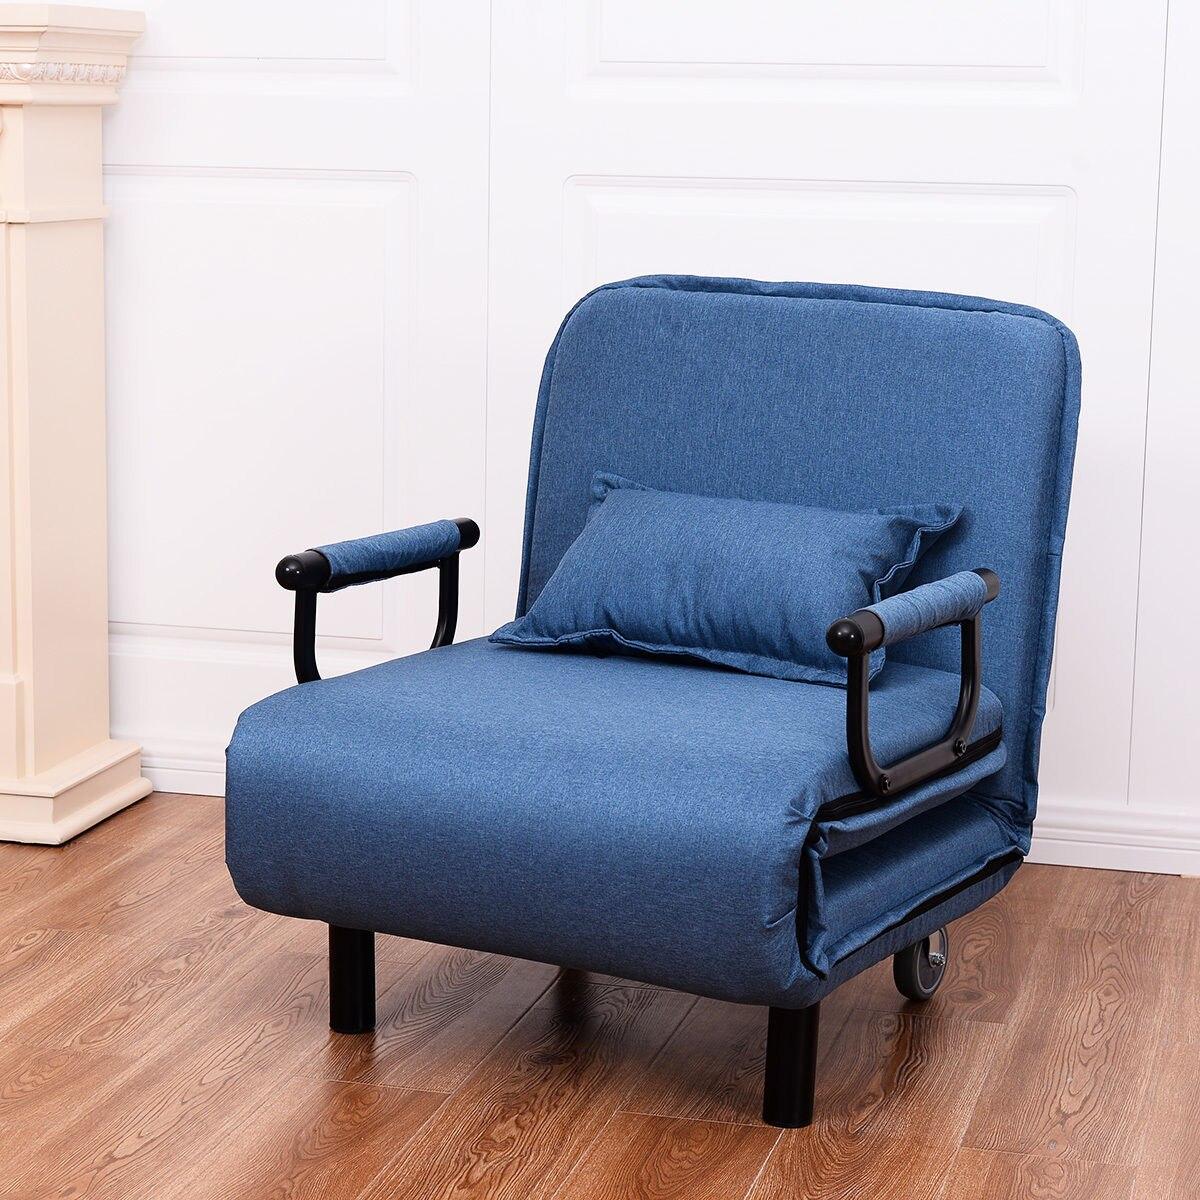 Sympathisch Lounge Sofa Wohnzimmer Dekoration Von 200cm Heightening Baby Braided Crib Bumpers 4